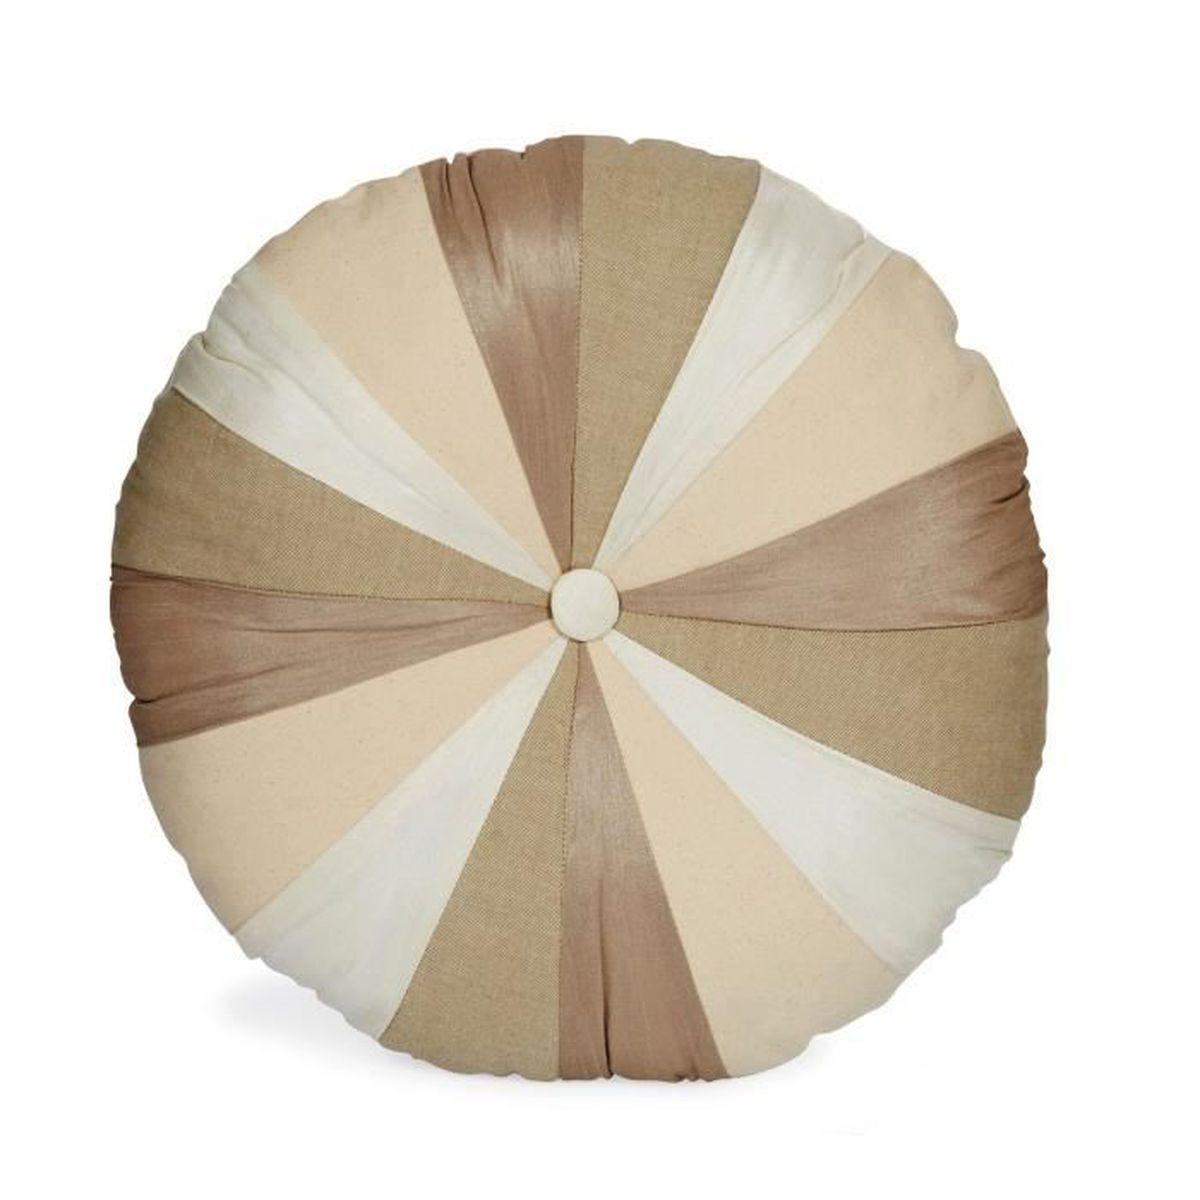 Patchy coussin rond patchwork multicolore d40cm multicolore achat vente coussin cdiscount - Coussin rond 40 cm ...